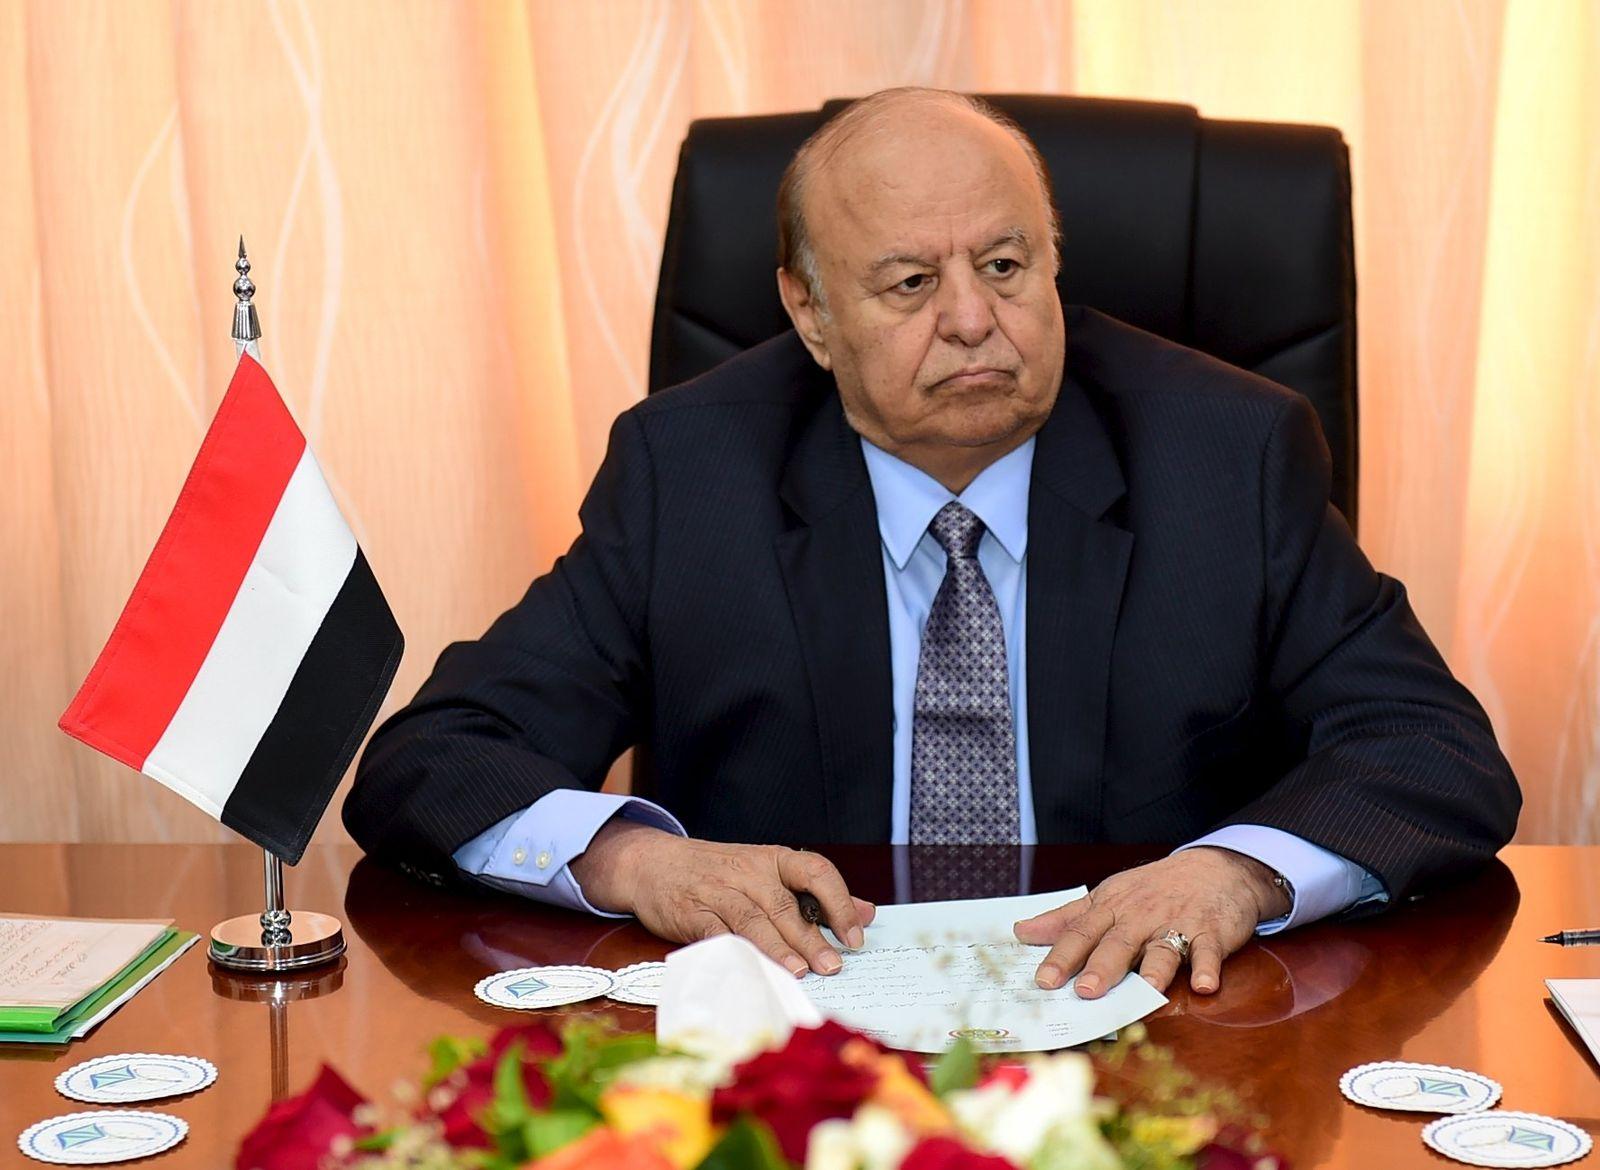 Jemen Abd-Rabbu Mansur Hadi